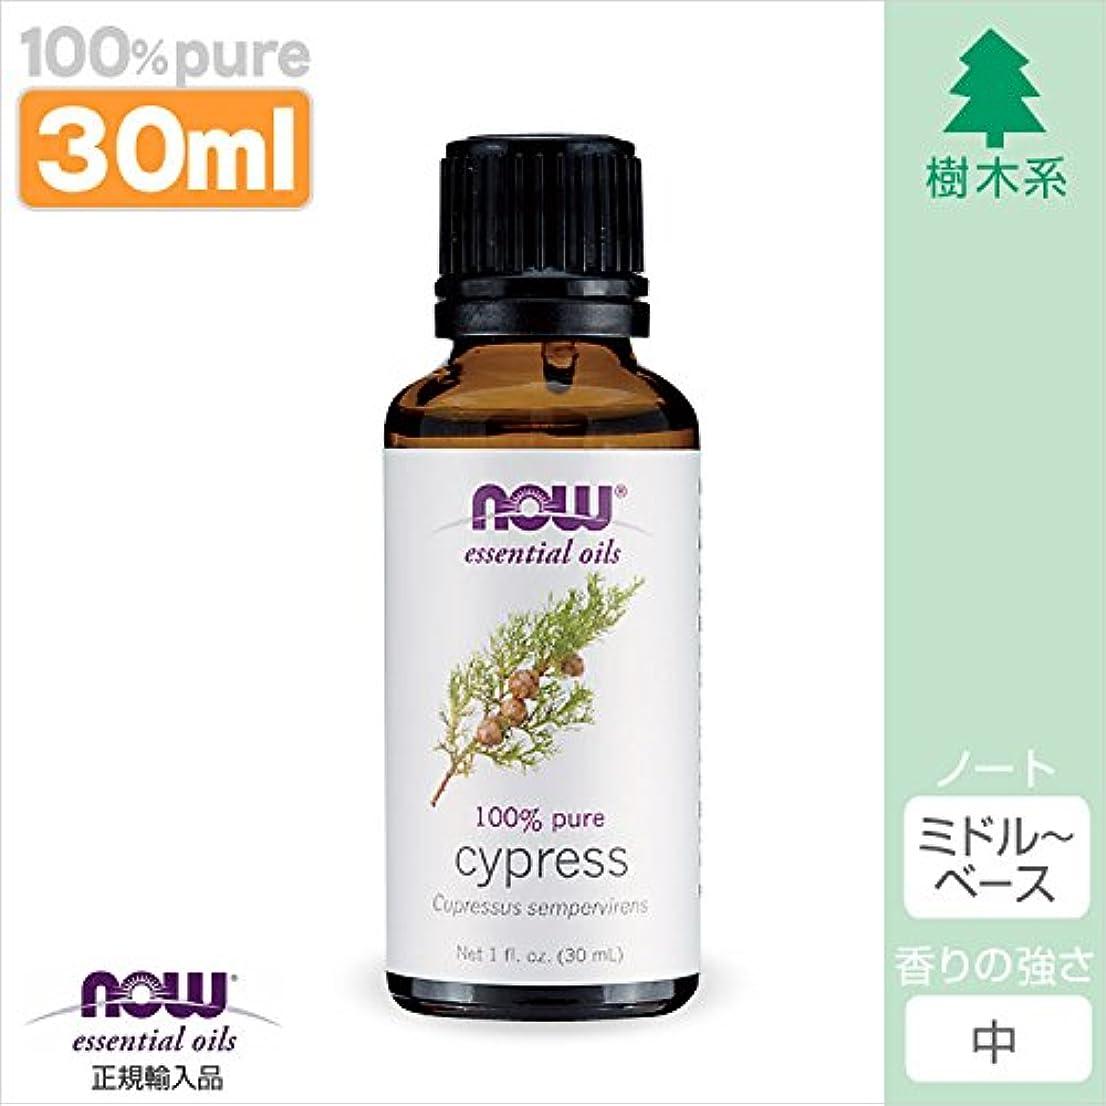 サイプレス 精油[30ml] 【正規輸入品】 NOWエッセンシャルオイル(アロマオイル)